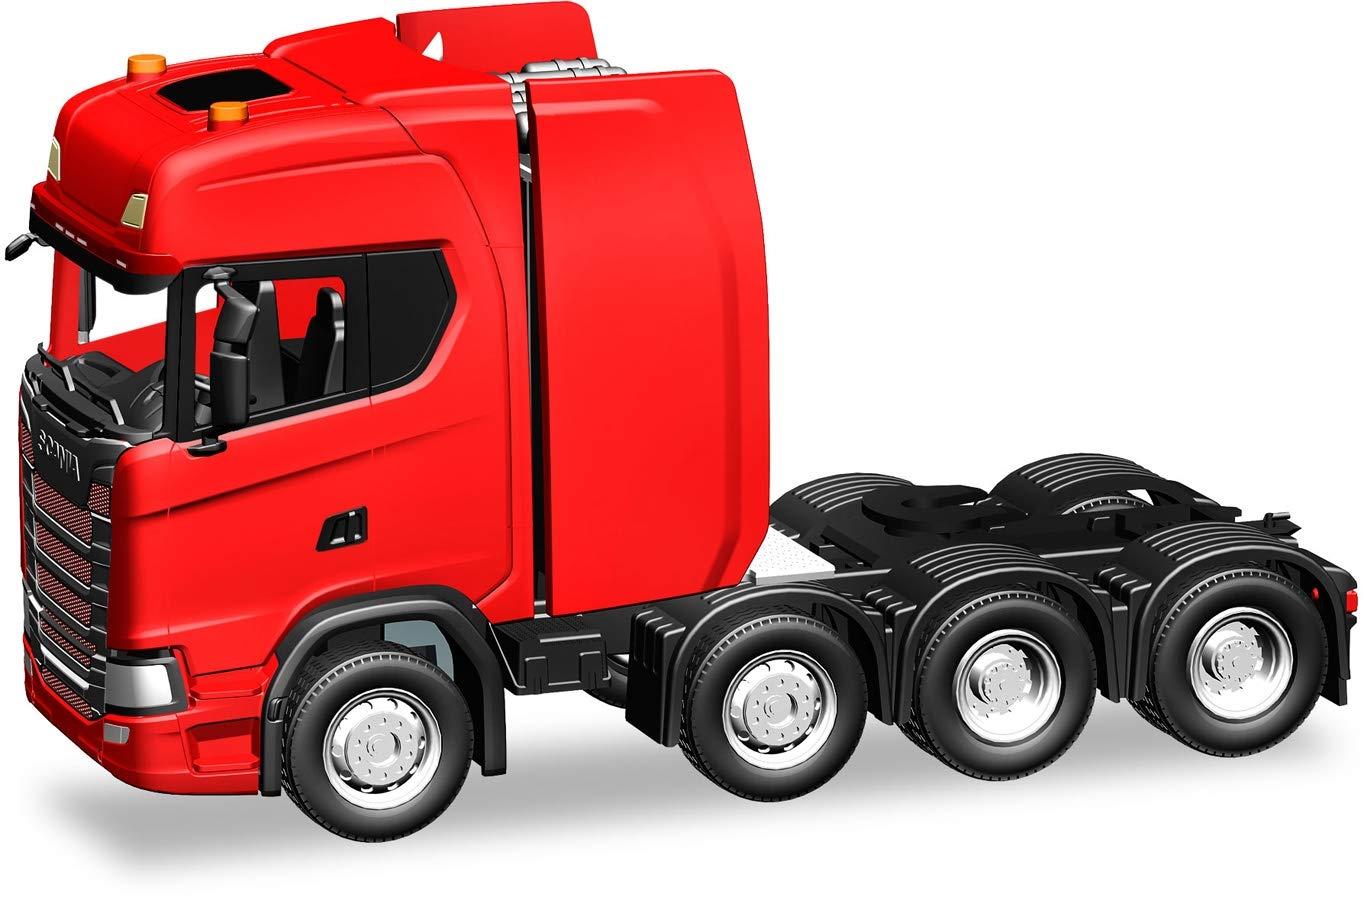 1:87 Scania CS HD Heavy Duty Rigid Tractor Red